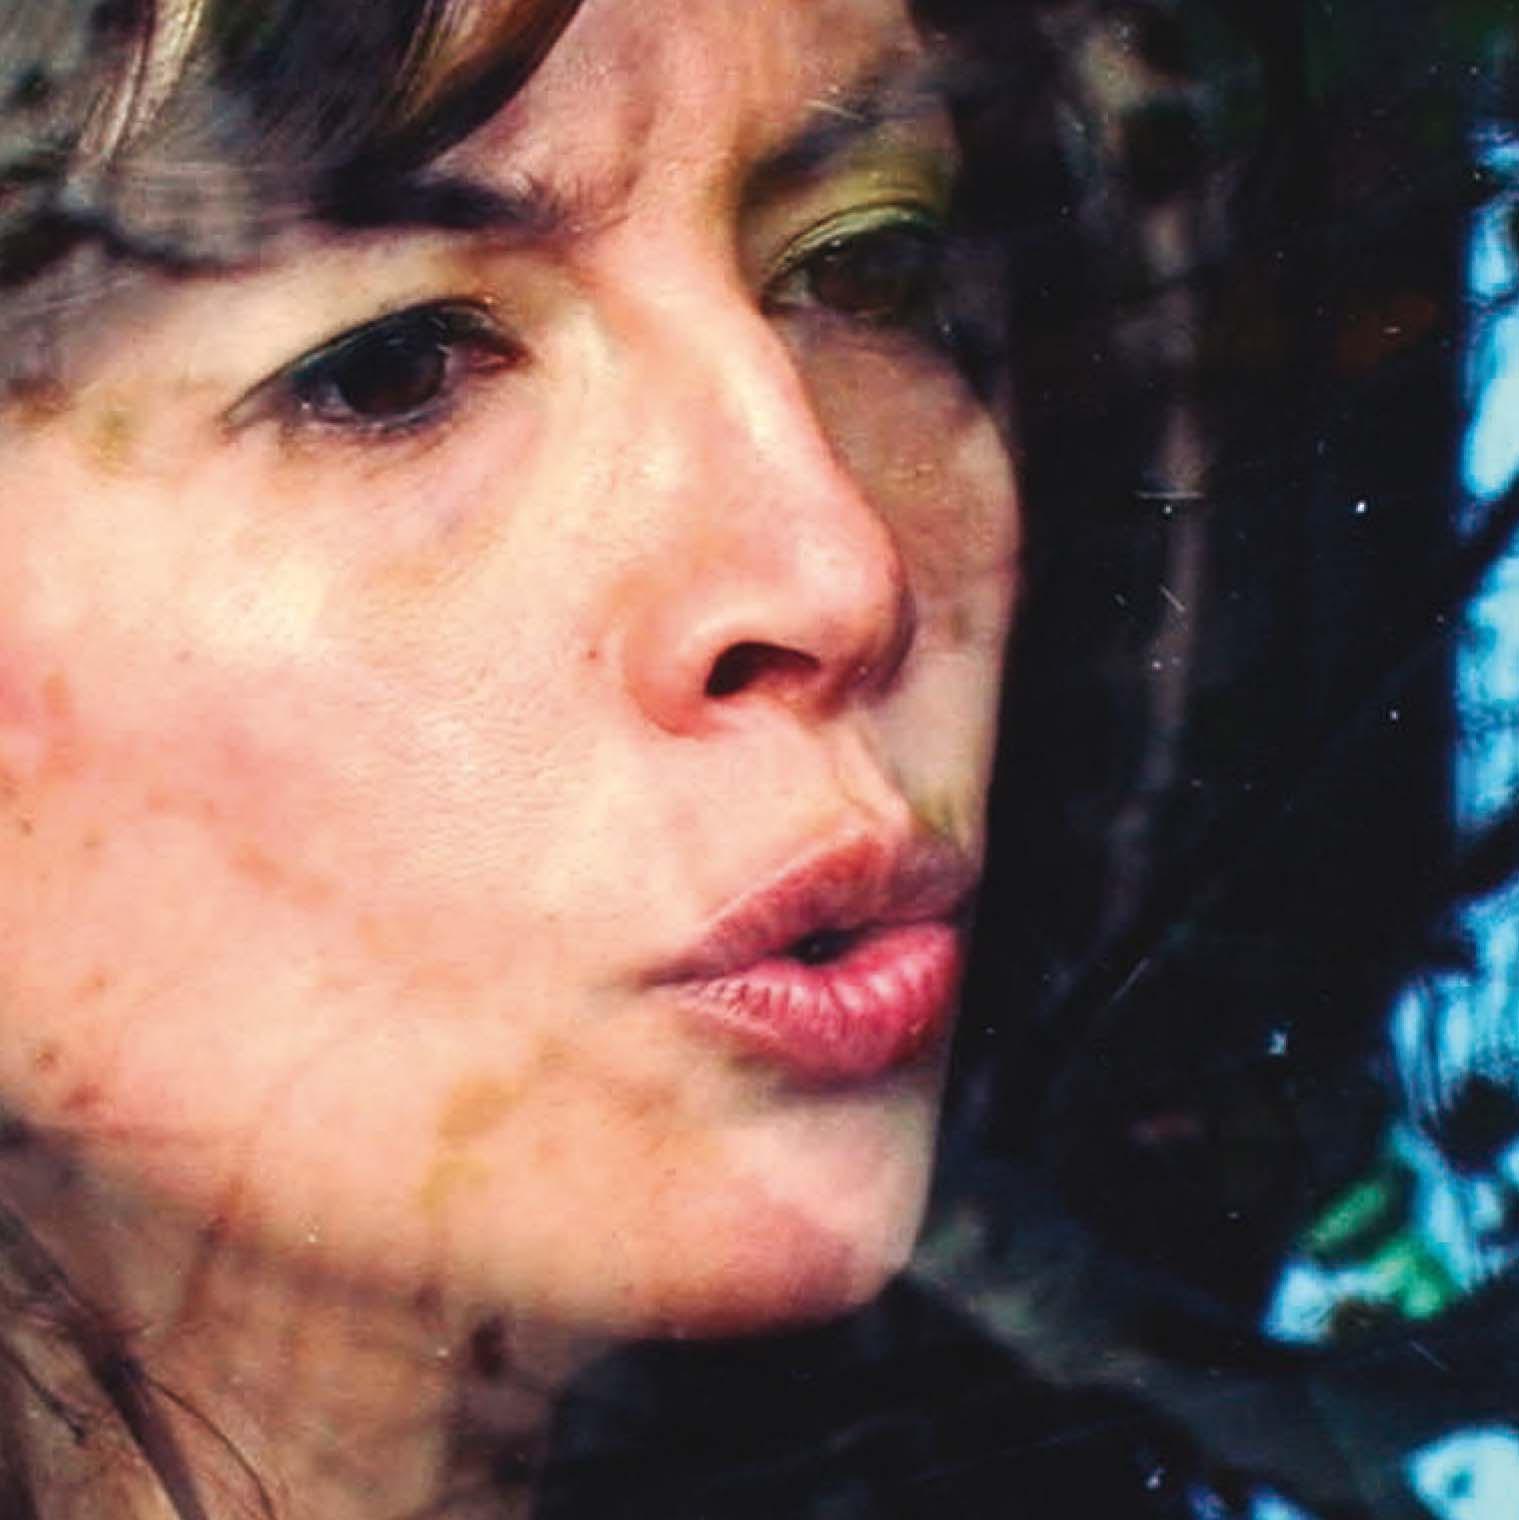 Olladas de mulleres no mundo: Creadoras galegas de imaxe. Homenaxe a Chantal Akerman